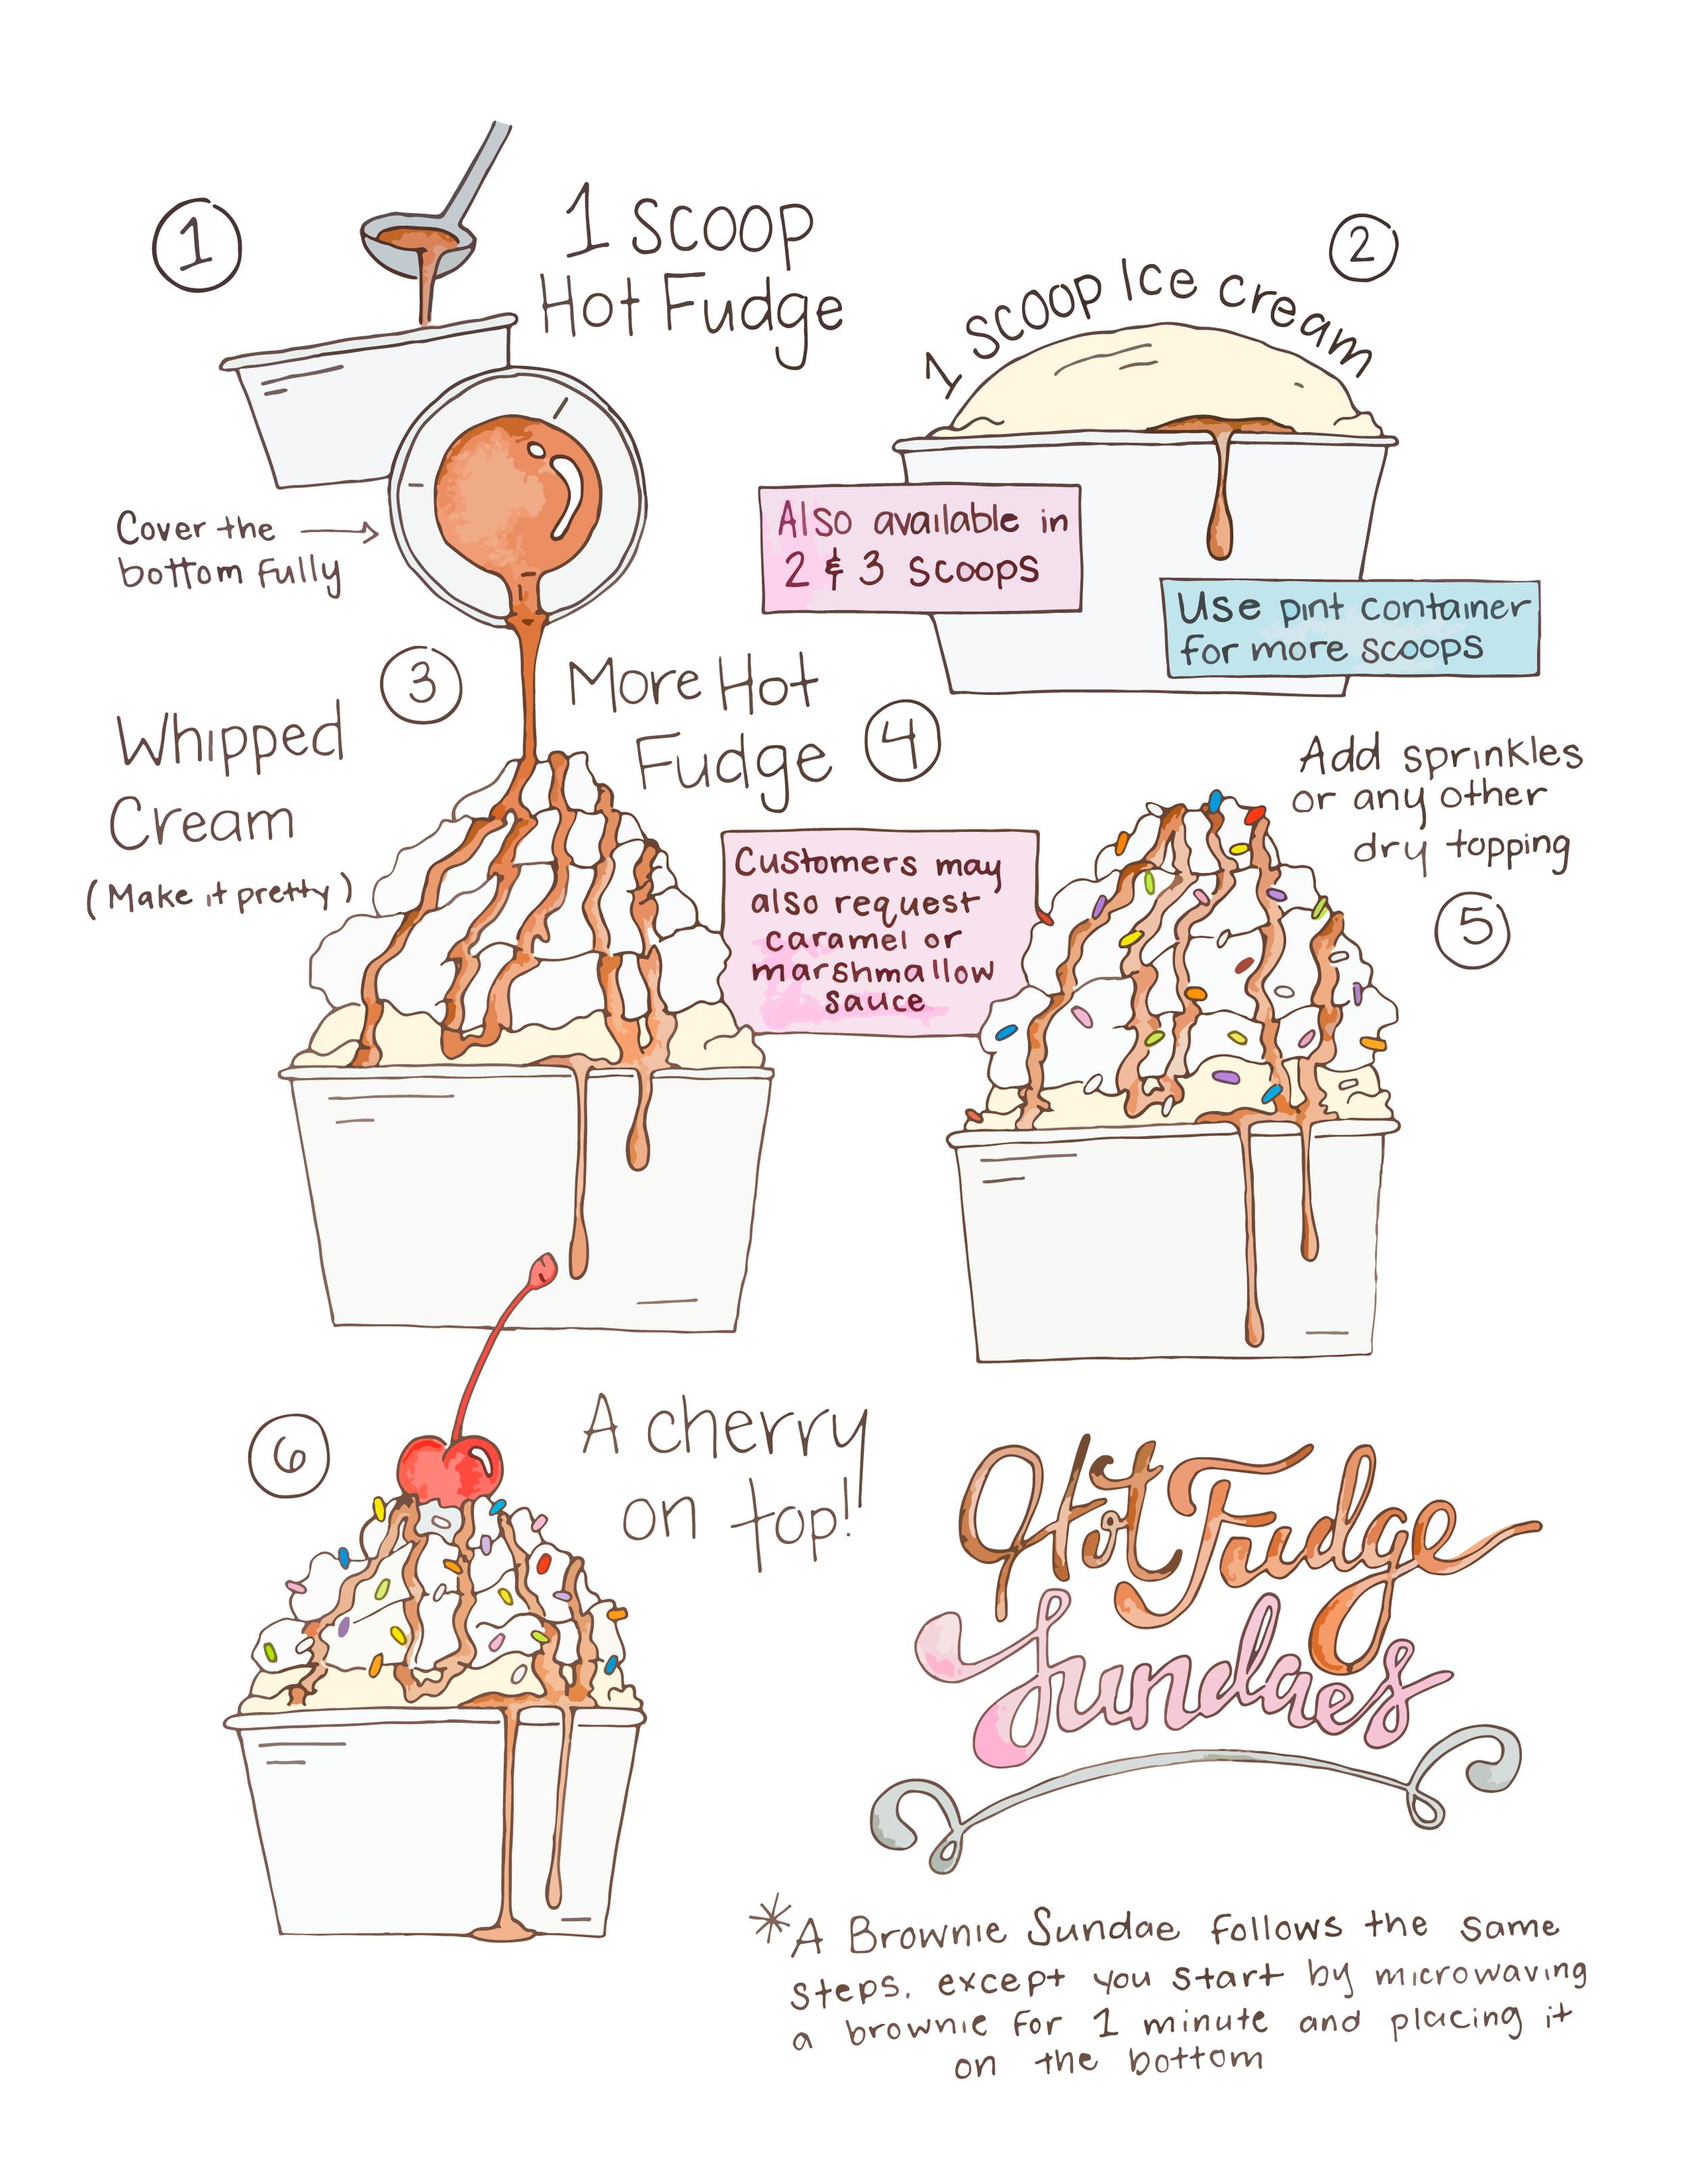 Hot Fudge Sundaes